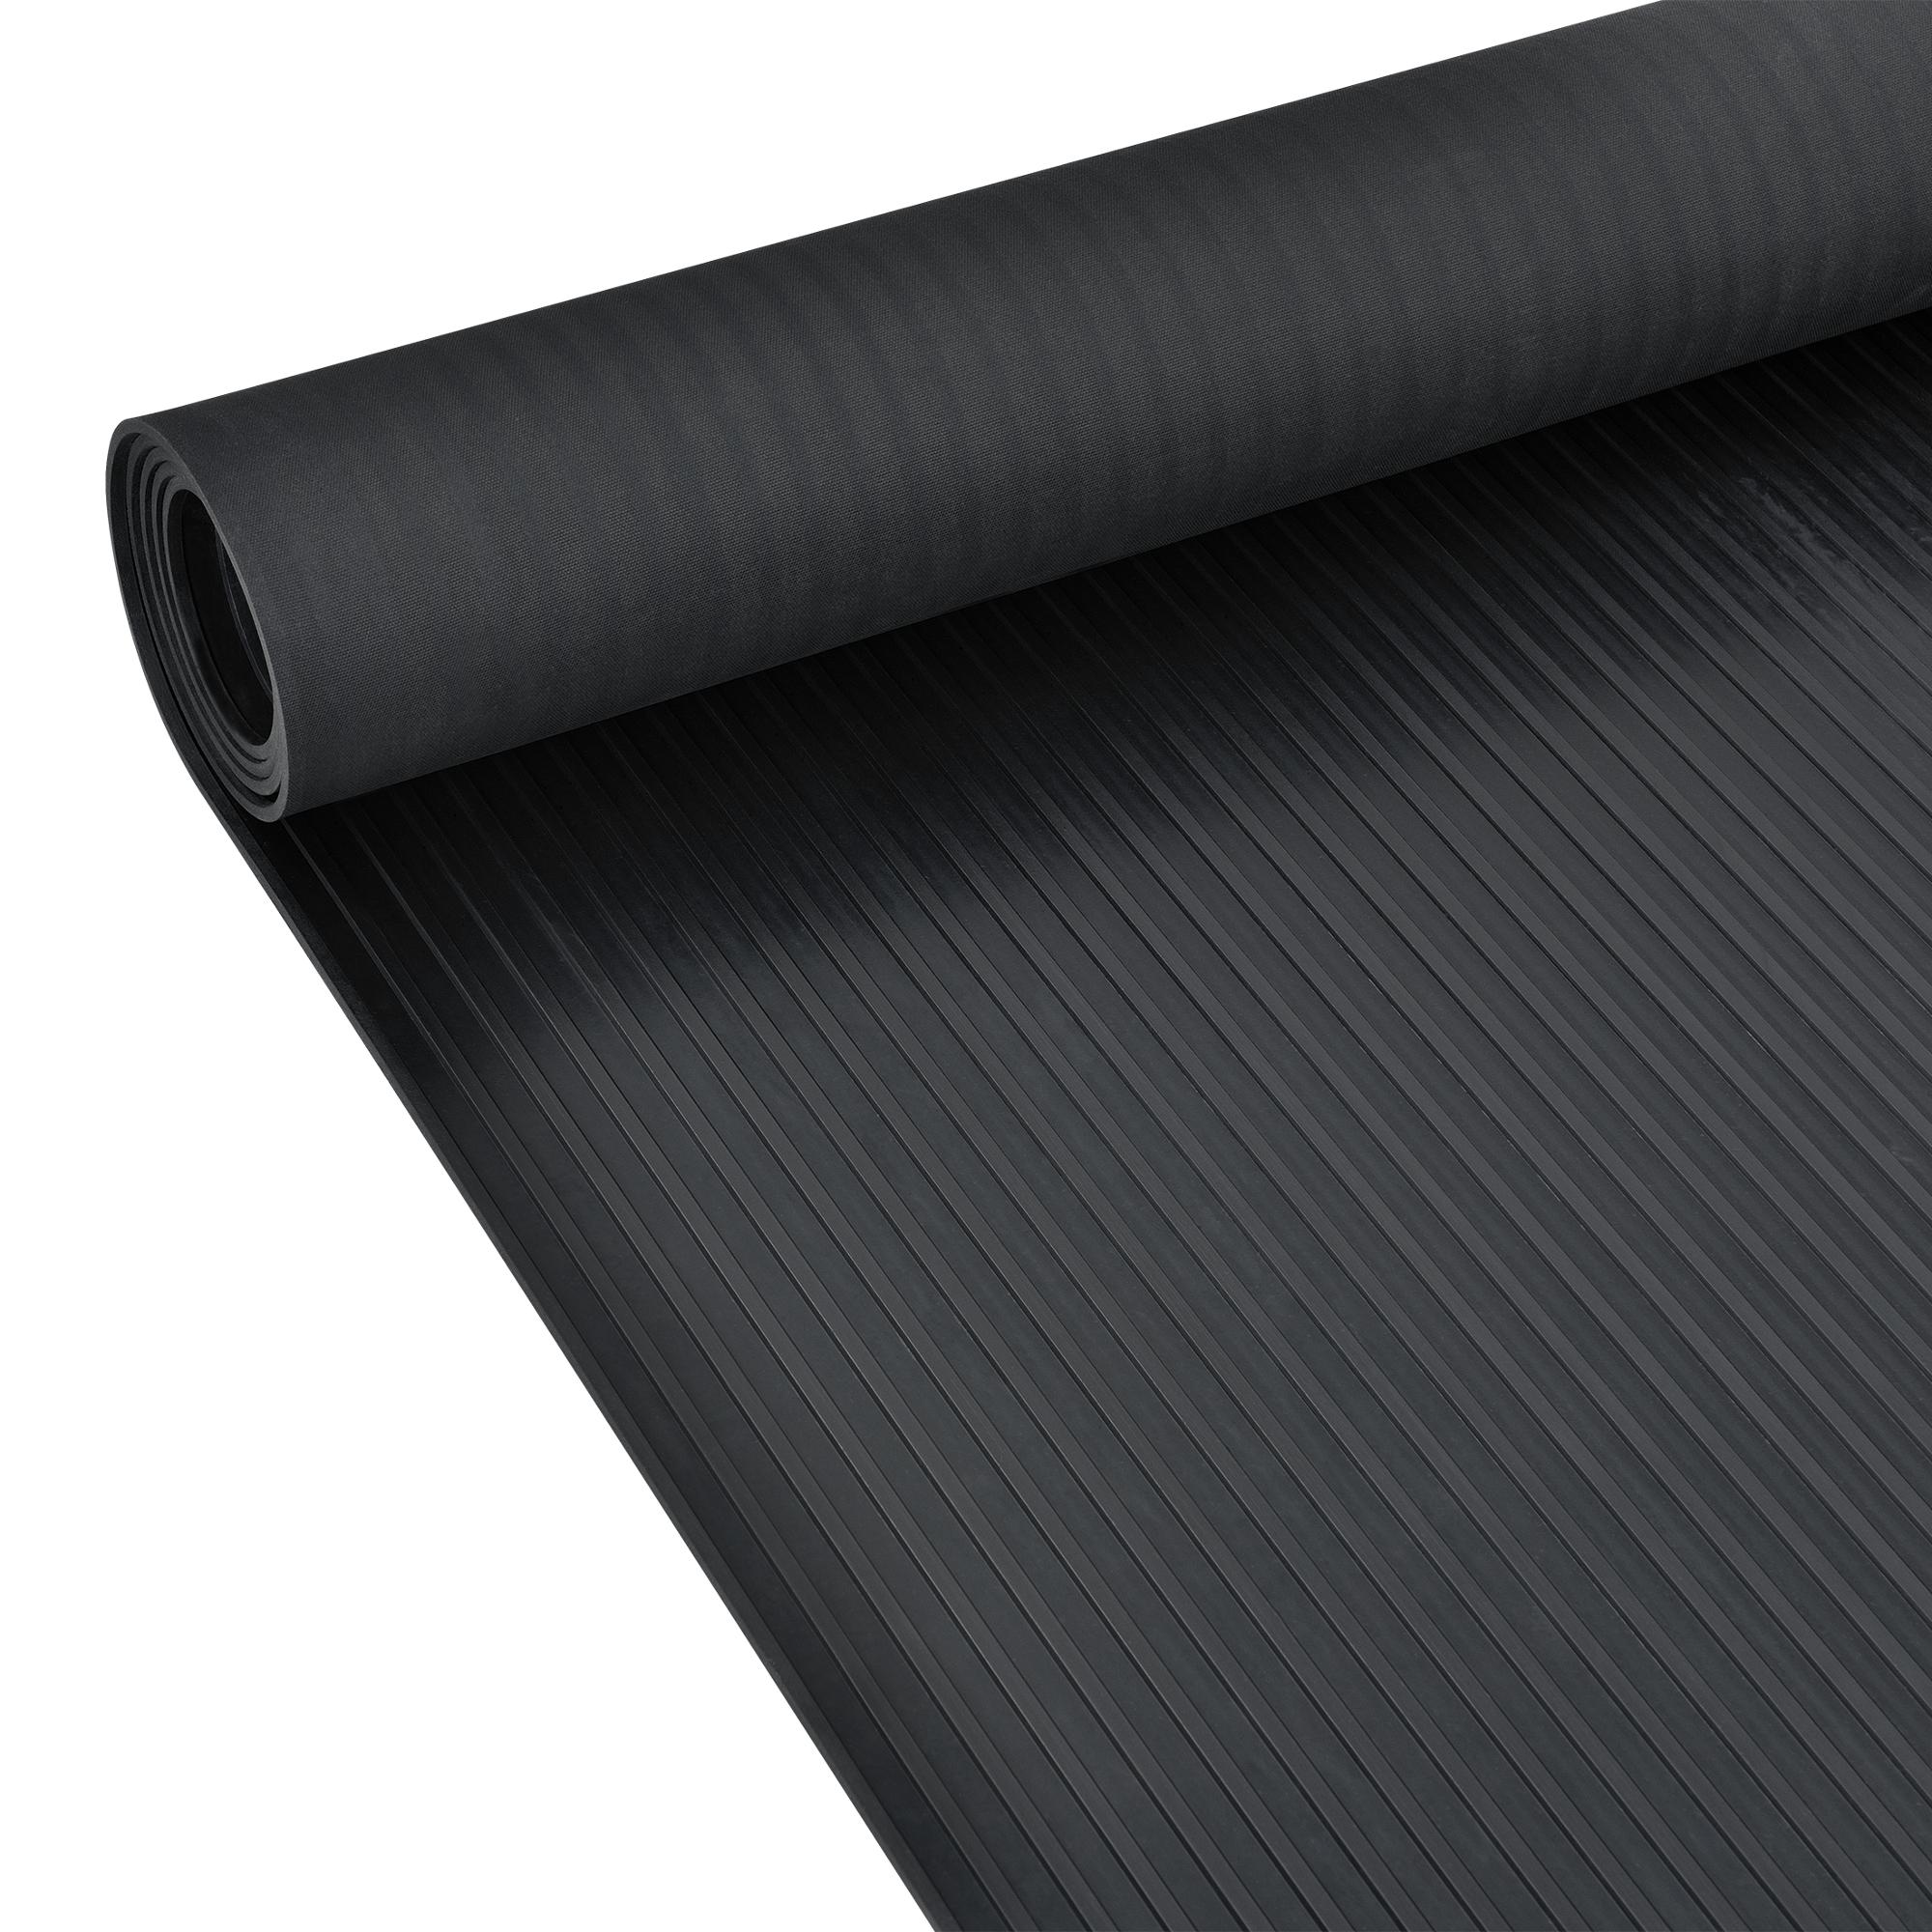 Détails sur [pro.tec]® Tapis de sol antidérapant en caoutchouc Motif Stries  fines Noir 5x1 m